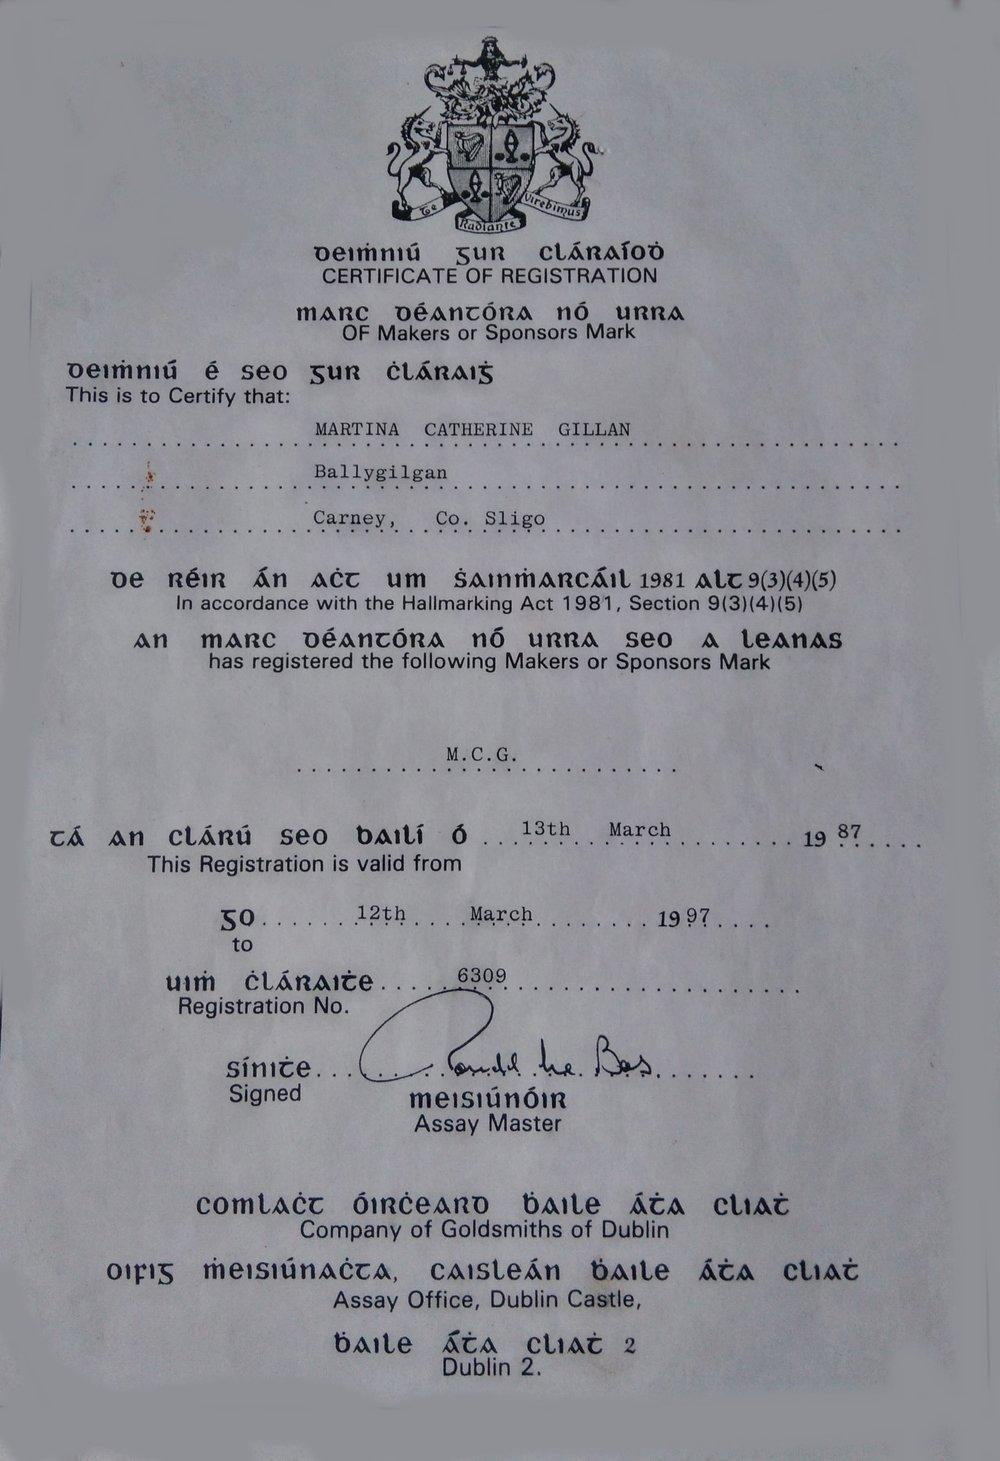 First Assay Office Cert from 1987